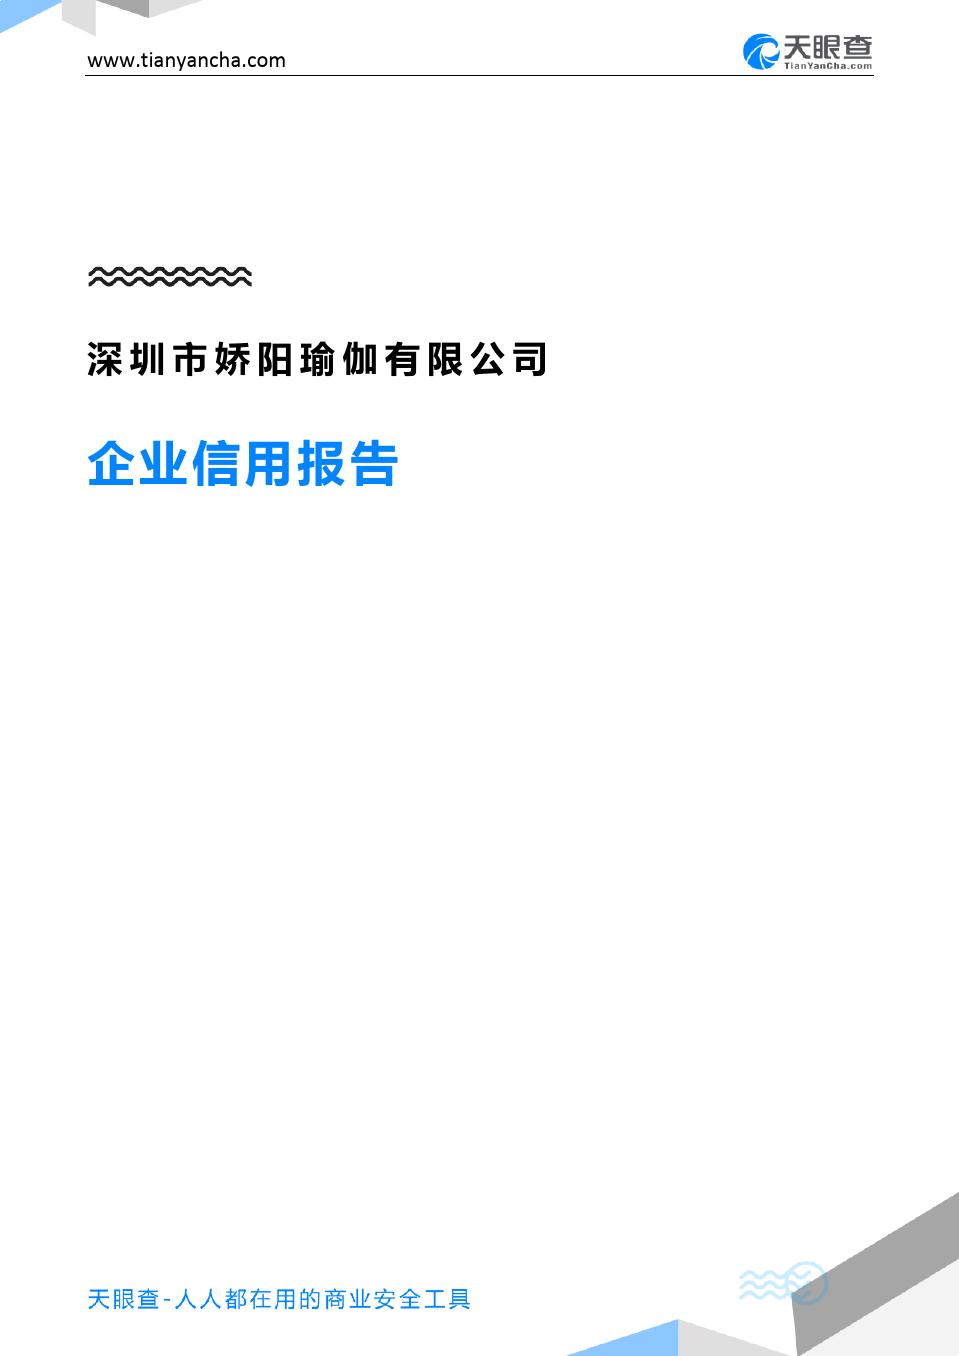 深圳市娇阳瑜伽有限公司(企业信用报告)- 天眼查